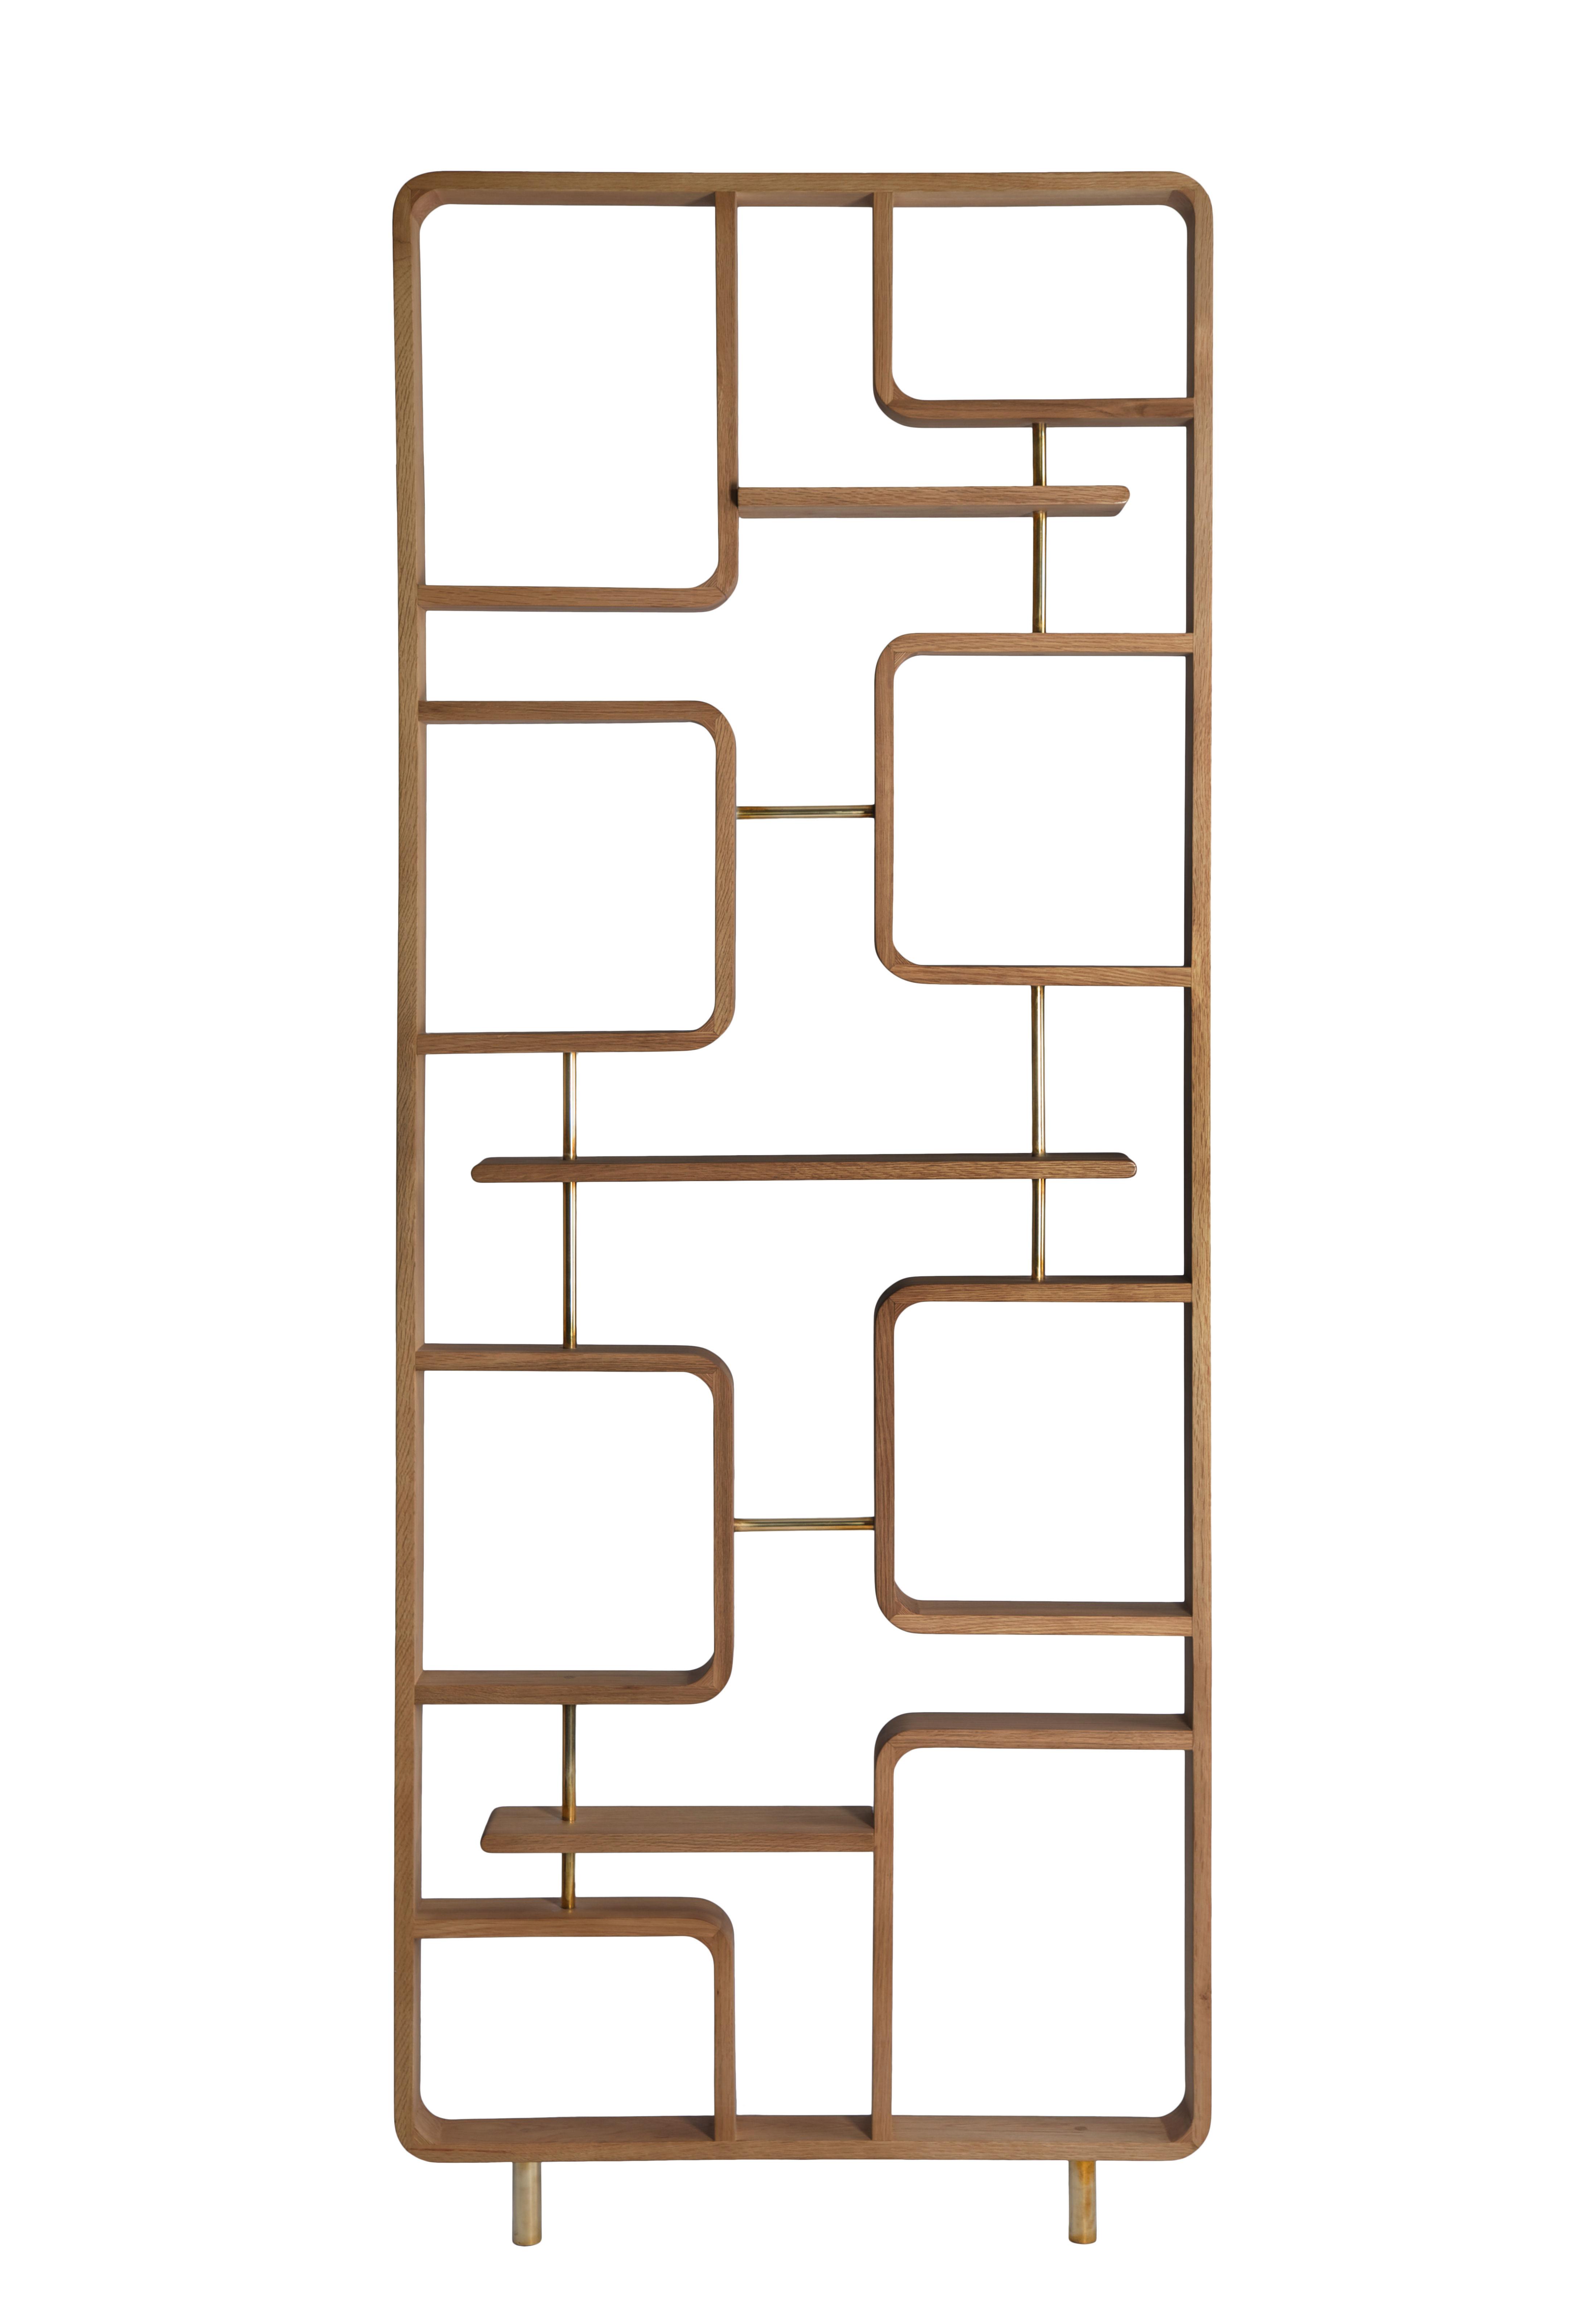 Mobilier - Paravents, séparations - Cloison Claustra / étagère - Bois - L 90 x H 240 cm - RED Edition - Naturel - Bois d'Hévéa verni